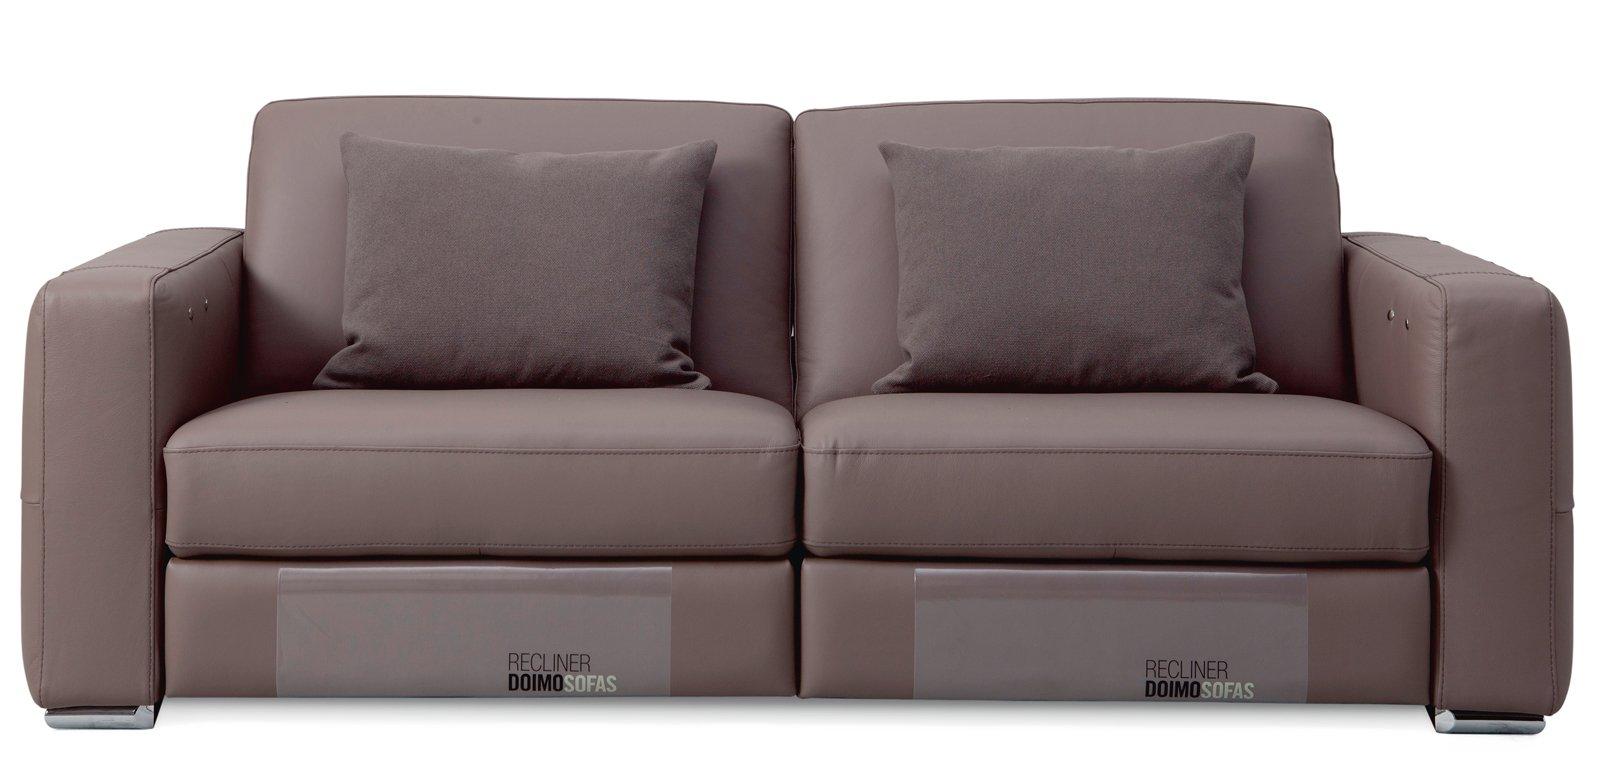 Divani da 200 a 2000 euro cose di casa for Divano letto in pelle prezzi